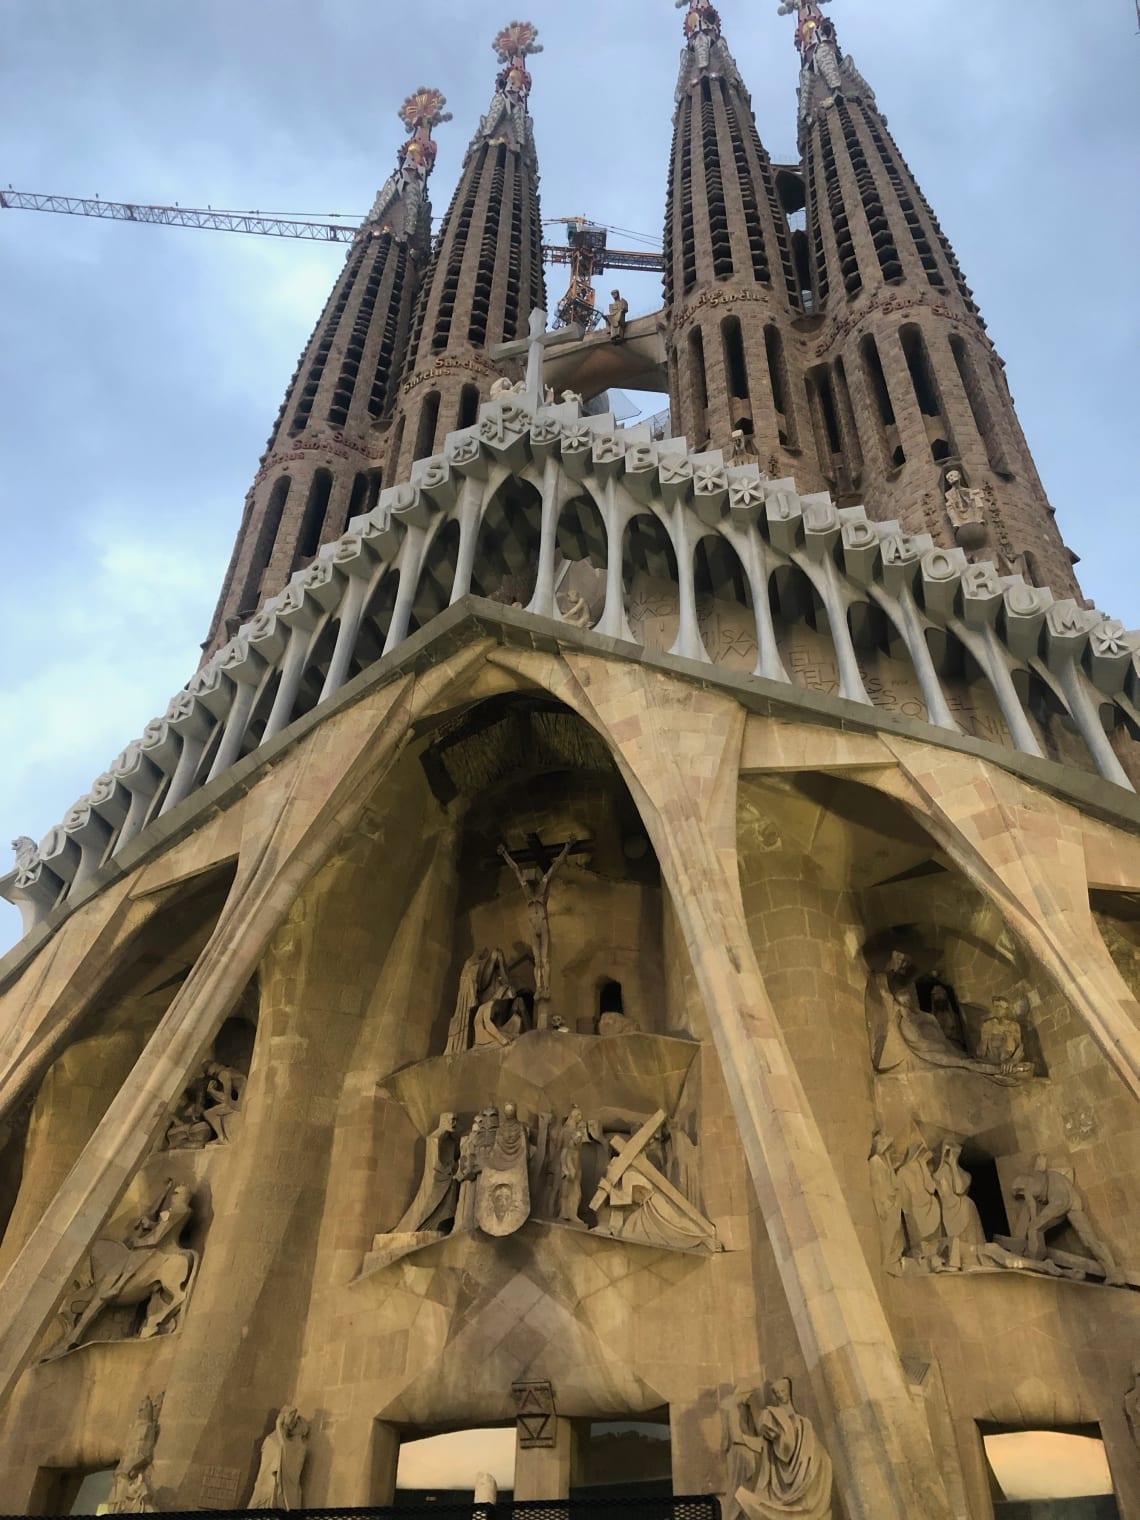 La mega guía para viajar a Barcelona: qué ver, qué hacer y mucho más - la sagrada familia Barcelona